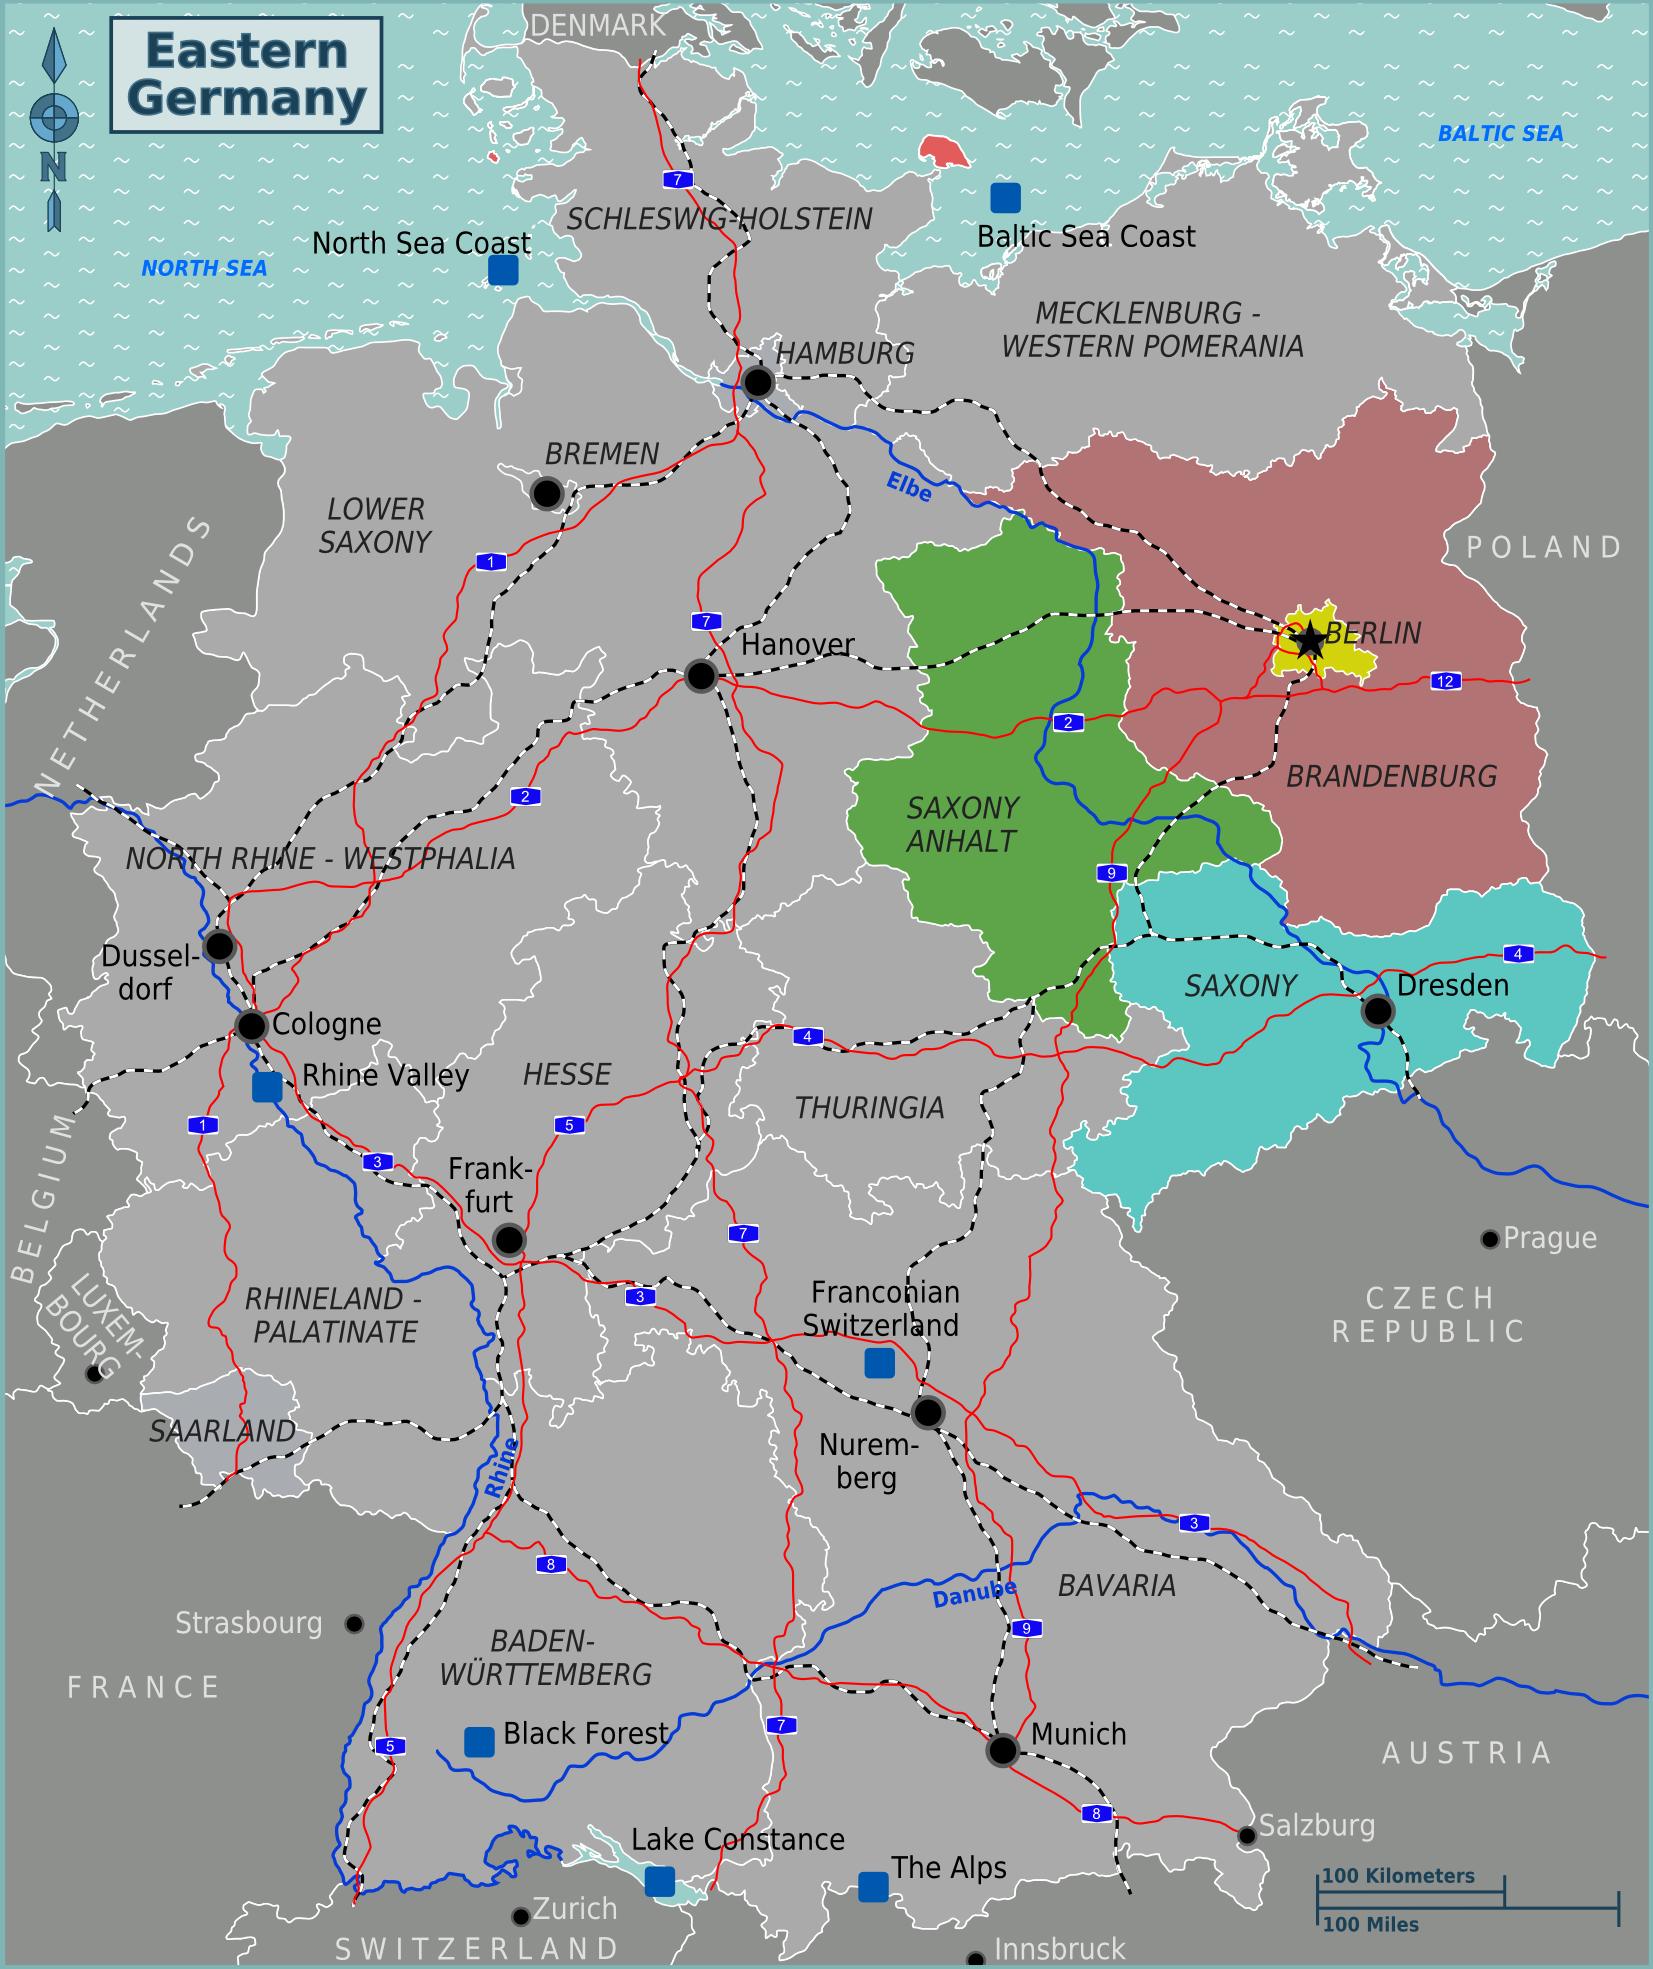 fileeastern germany regions 01png